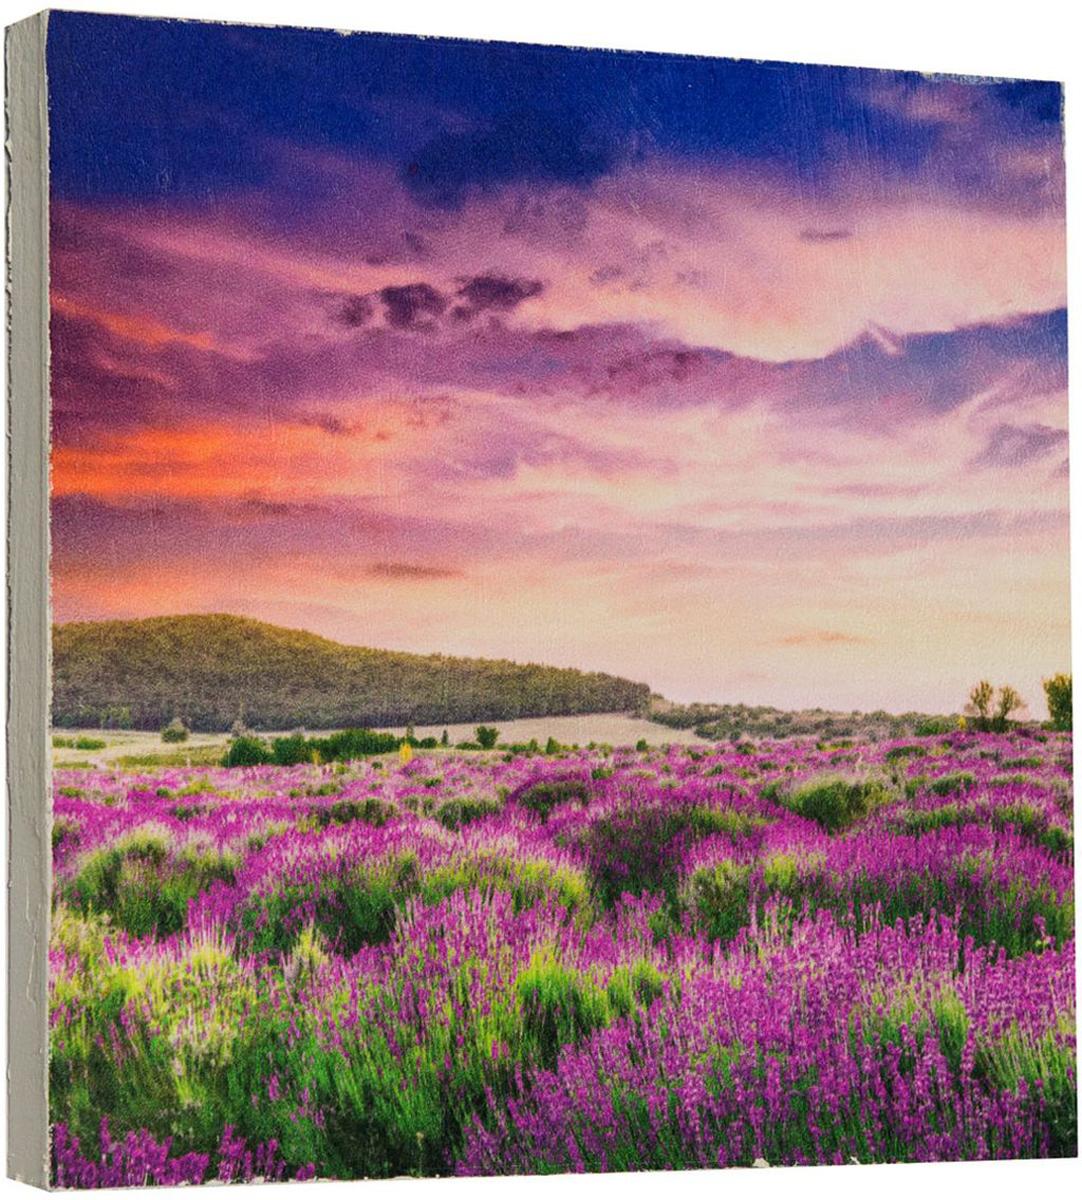 Картина Mister Poster Цветочное поле, 22 х 22 см0281-22-22Картина Mister Poster - это высококачественная репродукция на деревянной раме. Лицевая поверхность имитирует штукатурку или натуральный холст, края окрашены вручную специальным декоративным составом. Современные технологии, уникальное оборудование и оригинальные чернила, используемые при изготовлении, делают постер устойчивым к выцветанию, а также гарантируют стойкость к воздействию негативных внешних факторов. Интерьер дома и офиса, в котором находится человек, в значительной степени влияет на его настроение и работоспособность. Правильное оформление интерьера создает благоприятный психологический климат, улучшает настроение и мотивирует. Добавьте «красок» в ваш интерьер и, возможно, в вашу жизнь.